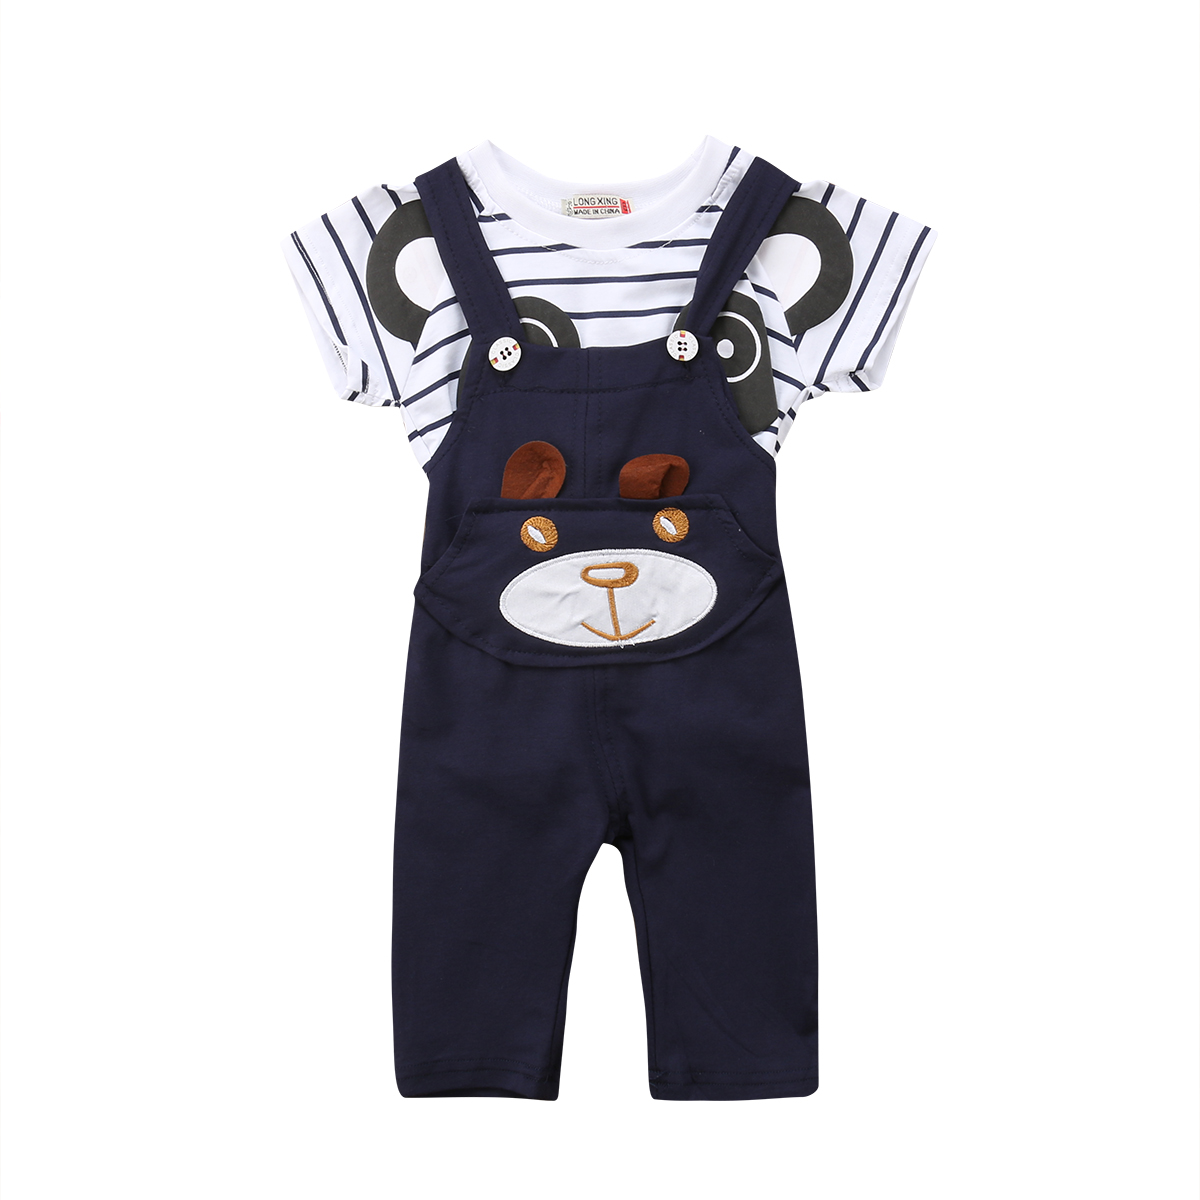 2PCS Newborn Kids Baby Boy Girls Cotton Short Sleeve O-Neck Panda T-shirt +Pants Overalls Outfits Set 0-24 Months Helen115